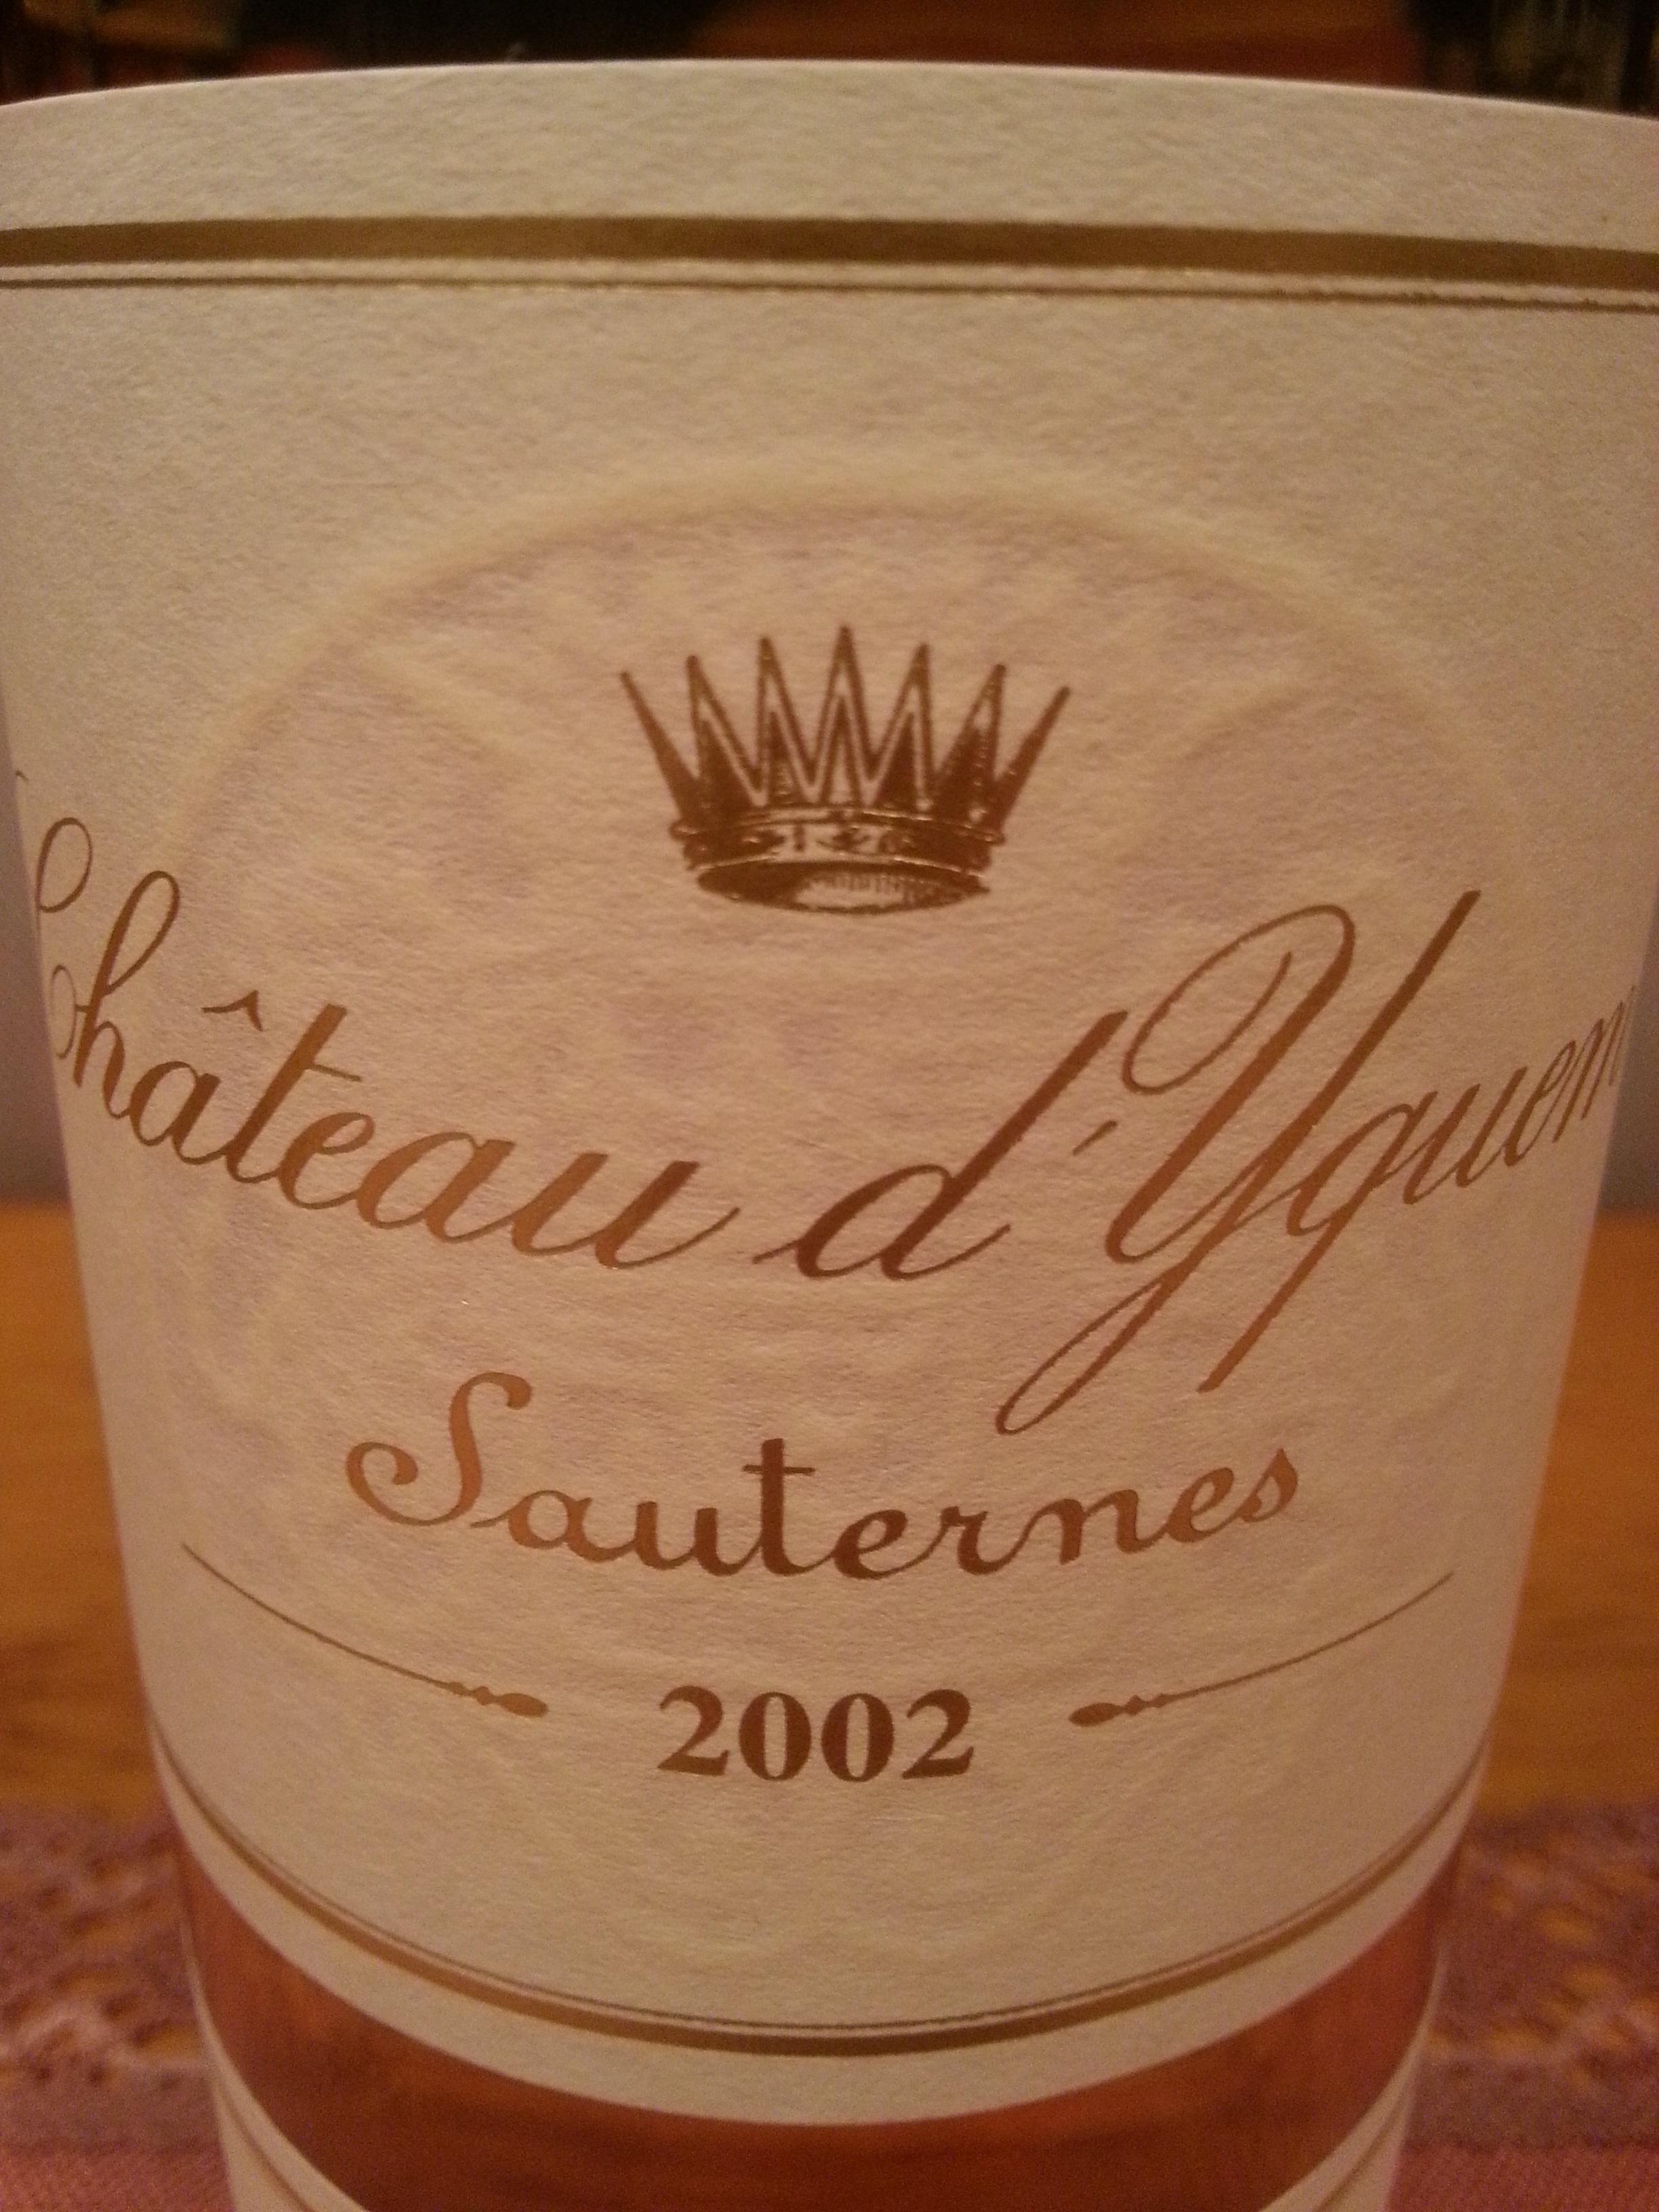 2002 Yquem | Château d'Yquem